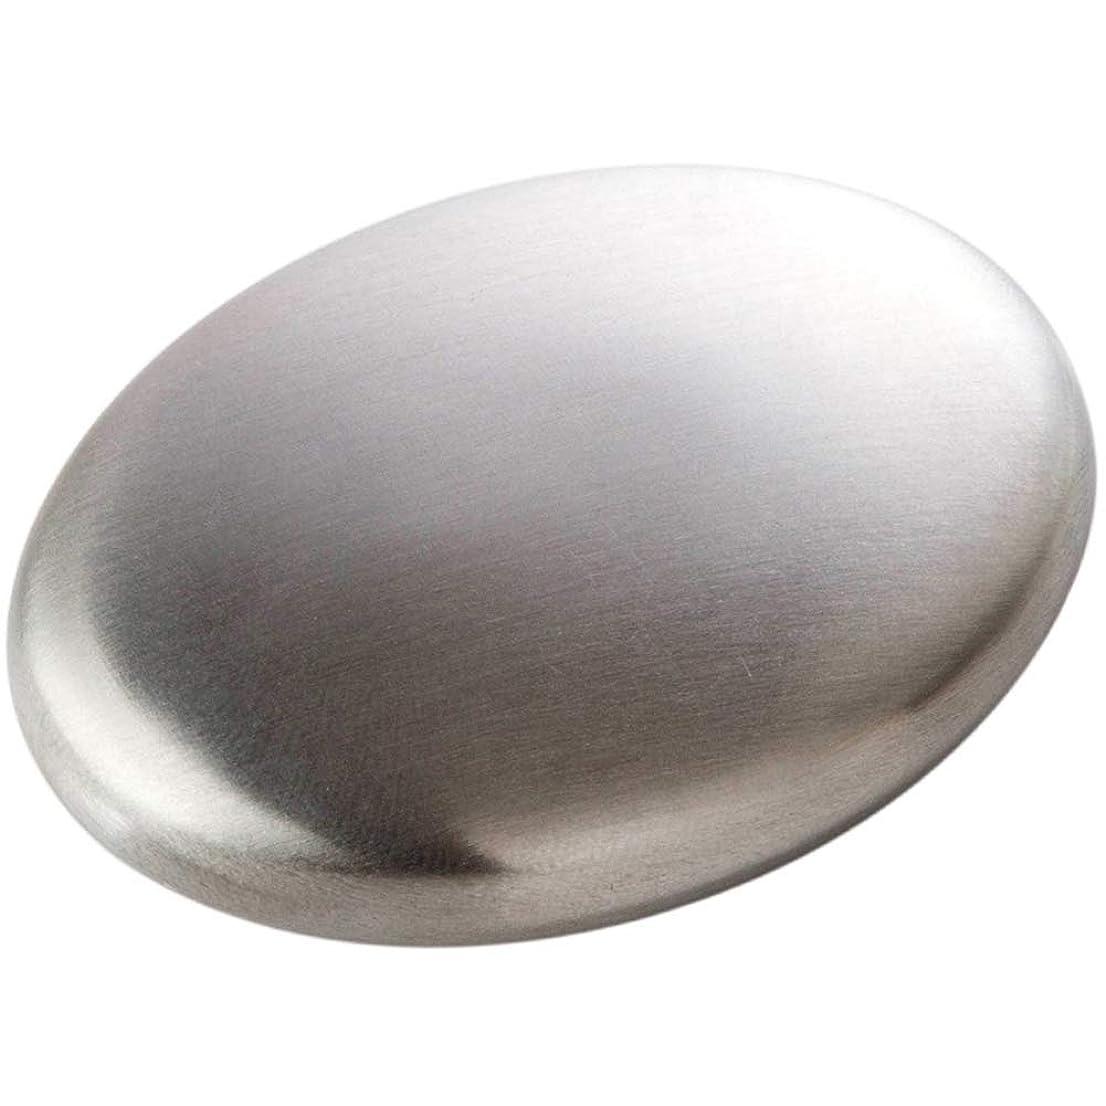 精巧な物理学者ロック解除せっけん ステンレス鋼 消臭 石鹸 にんにくと魚のような臭いを取り除き ステンレス鋼 臭気除去剤 匂い除去剤 最新型 人気 実用的 Cutelove